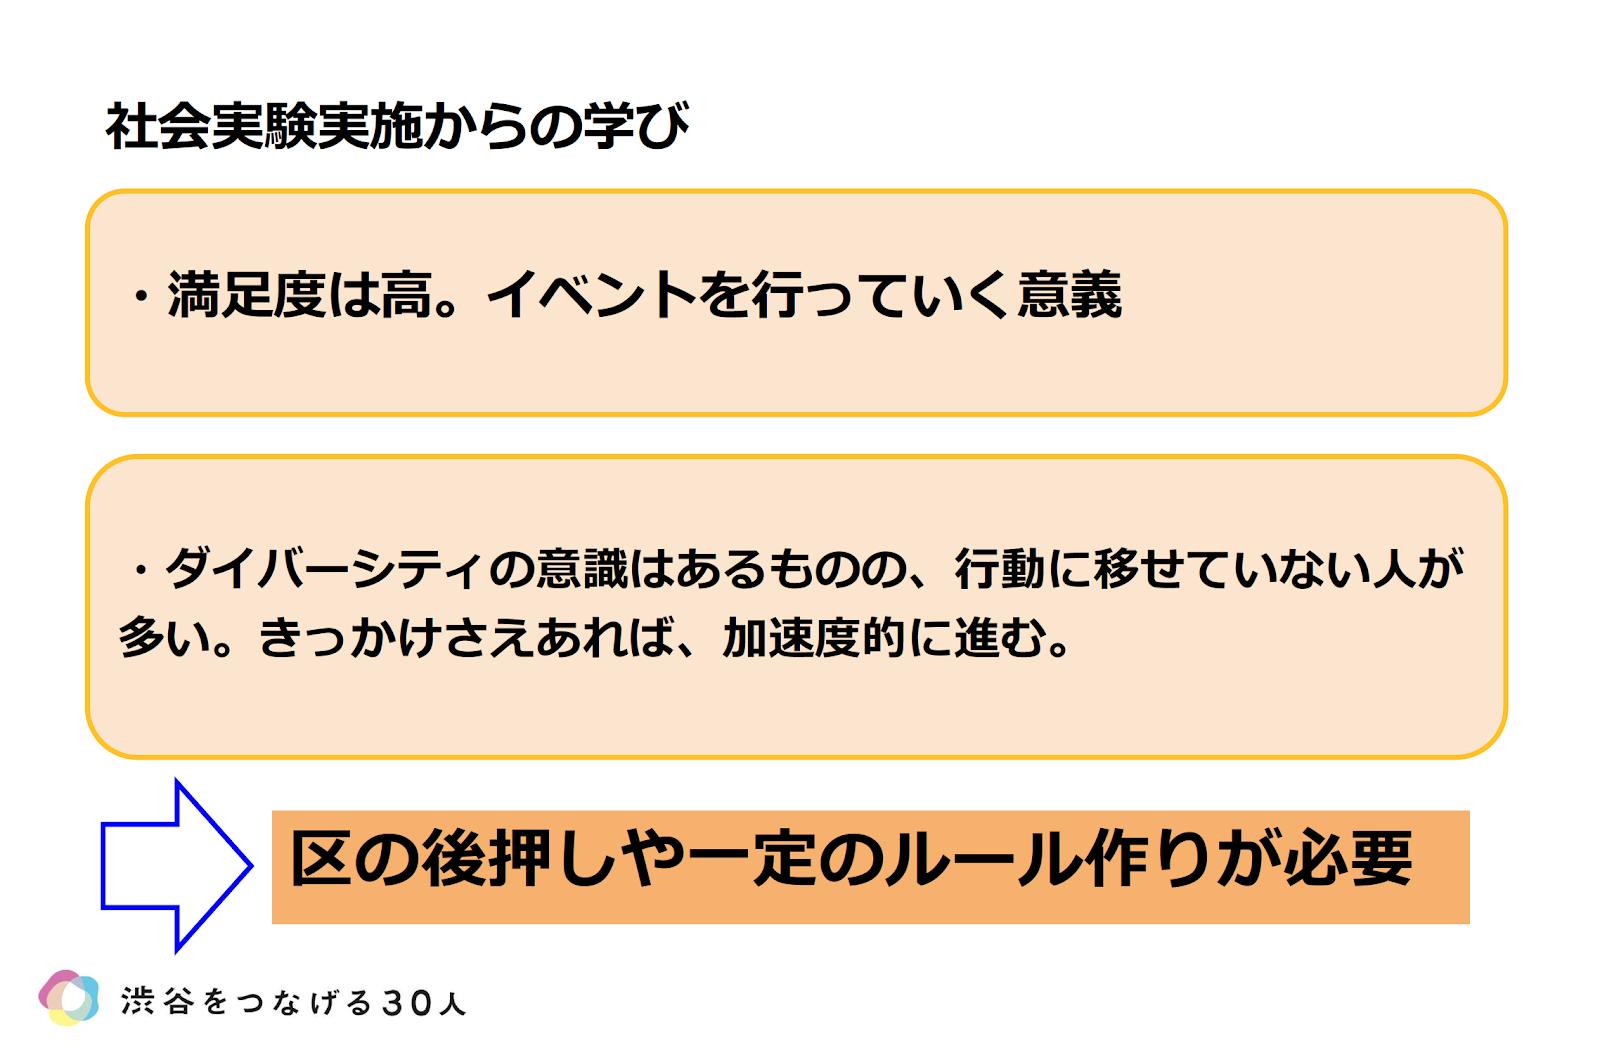 スクリーンショット 2020-03-10 18.10.33